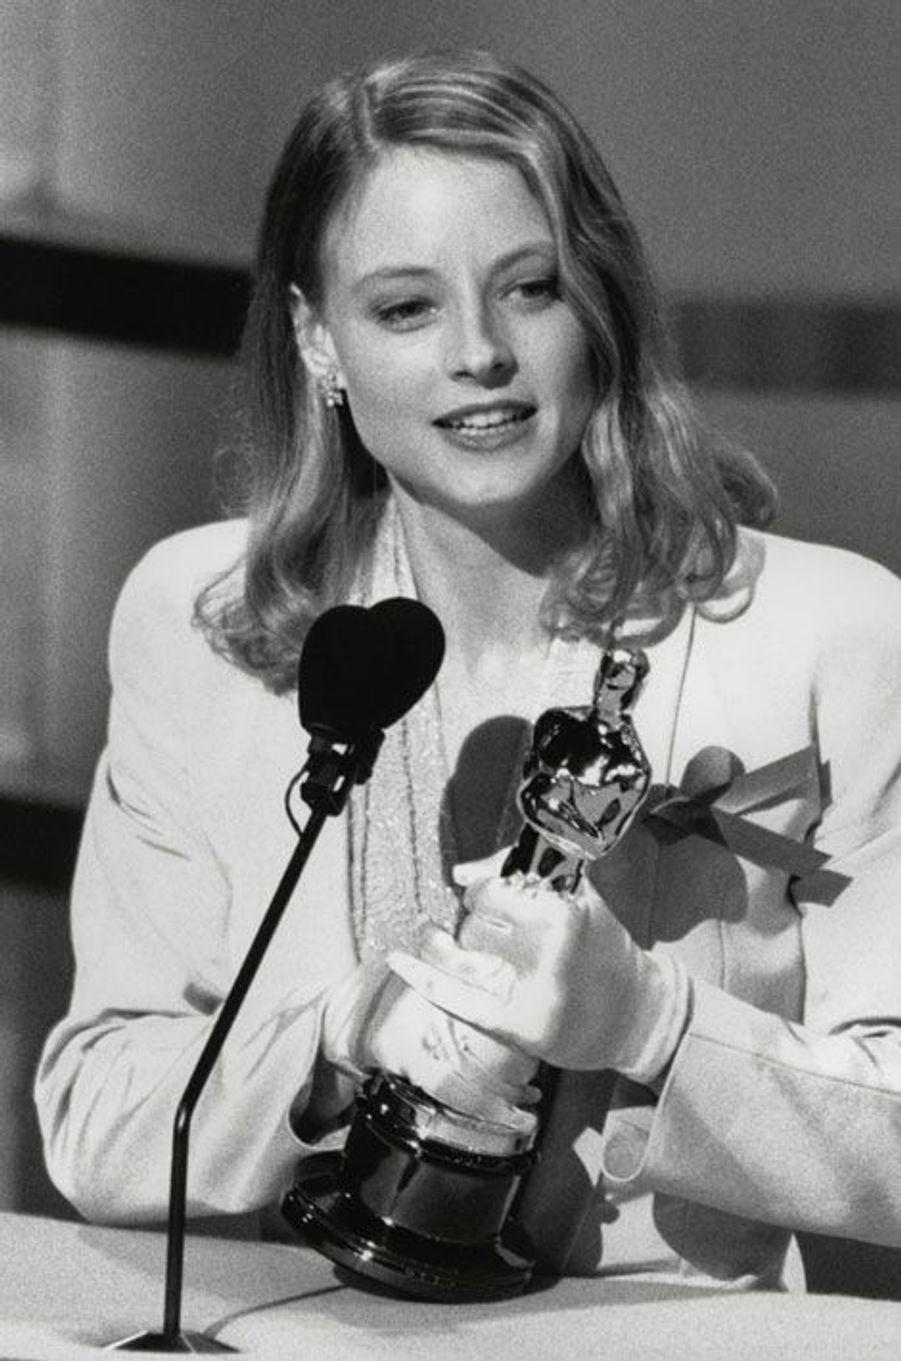 Jodie Foster remporte en 1992, lors de la 64e cérémonie des Oscars, l'Oscar de la Meilleure actrice. Le long-métrage gagnera également, durant cette soirée, quatre autres statuettes prestigieuses: Meilleur film, Meilleur réalisateur, Meilleur acteur pour Anthony Hopkins et Meilleur scénario adapté.